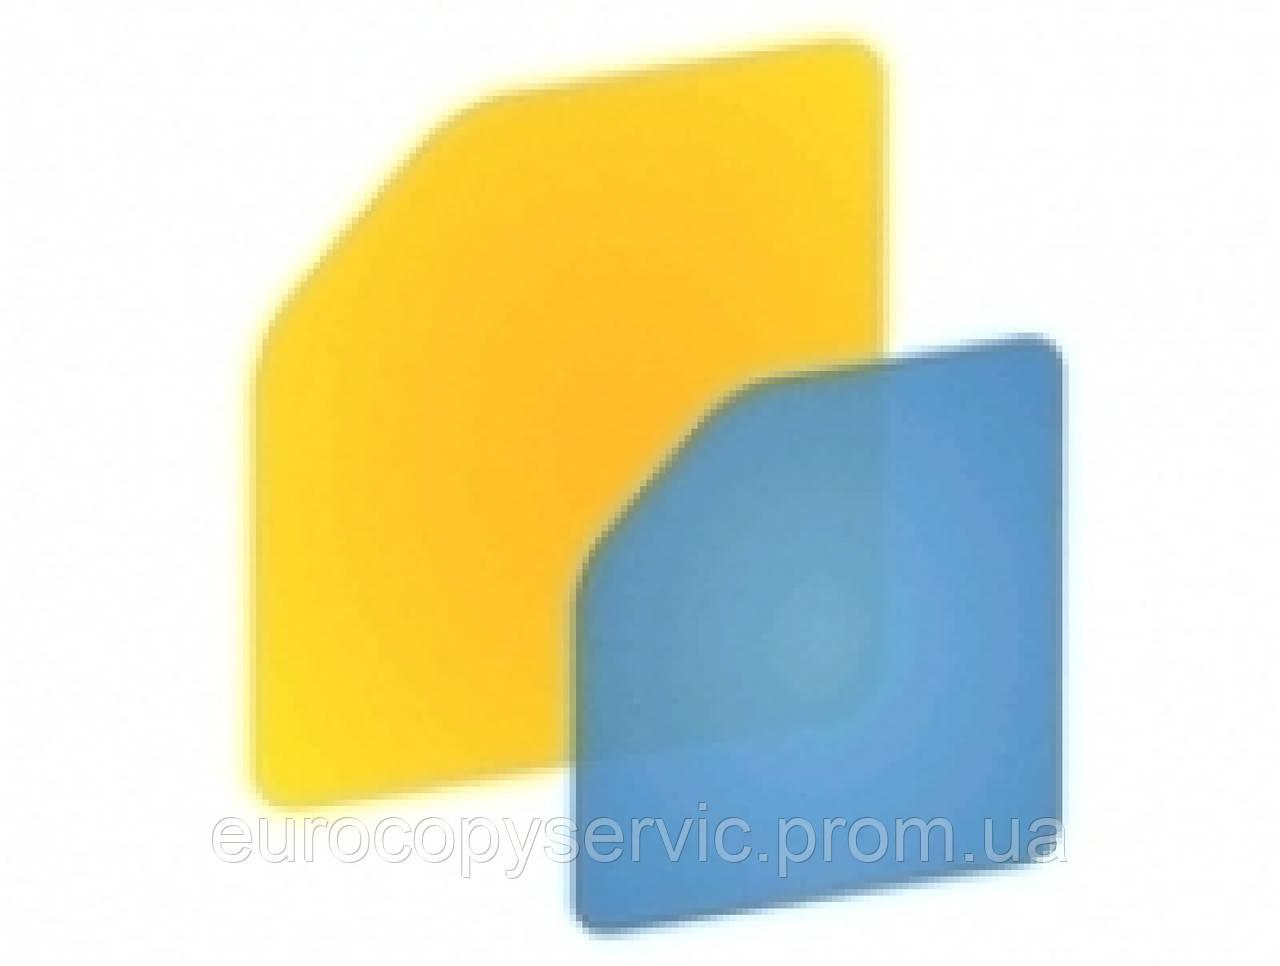 Тонер-картридж BASF для Xerox VersaLink B400/405 аналог 106R03583 Black (BASF-KT-106R03583)